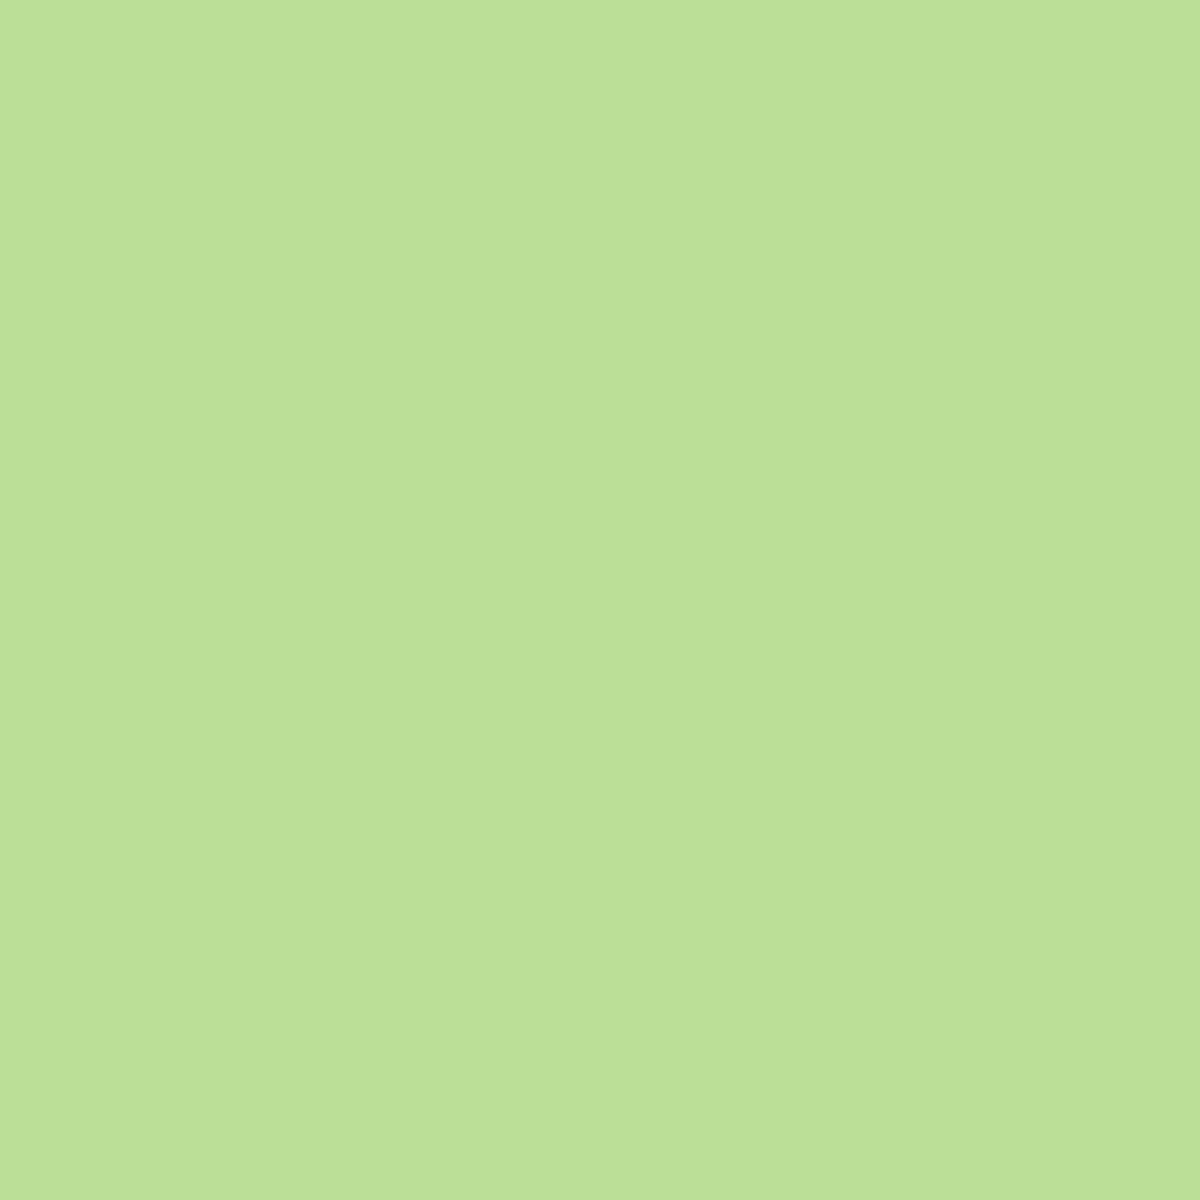 00greenspace.jpg